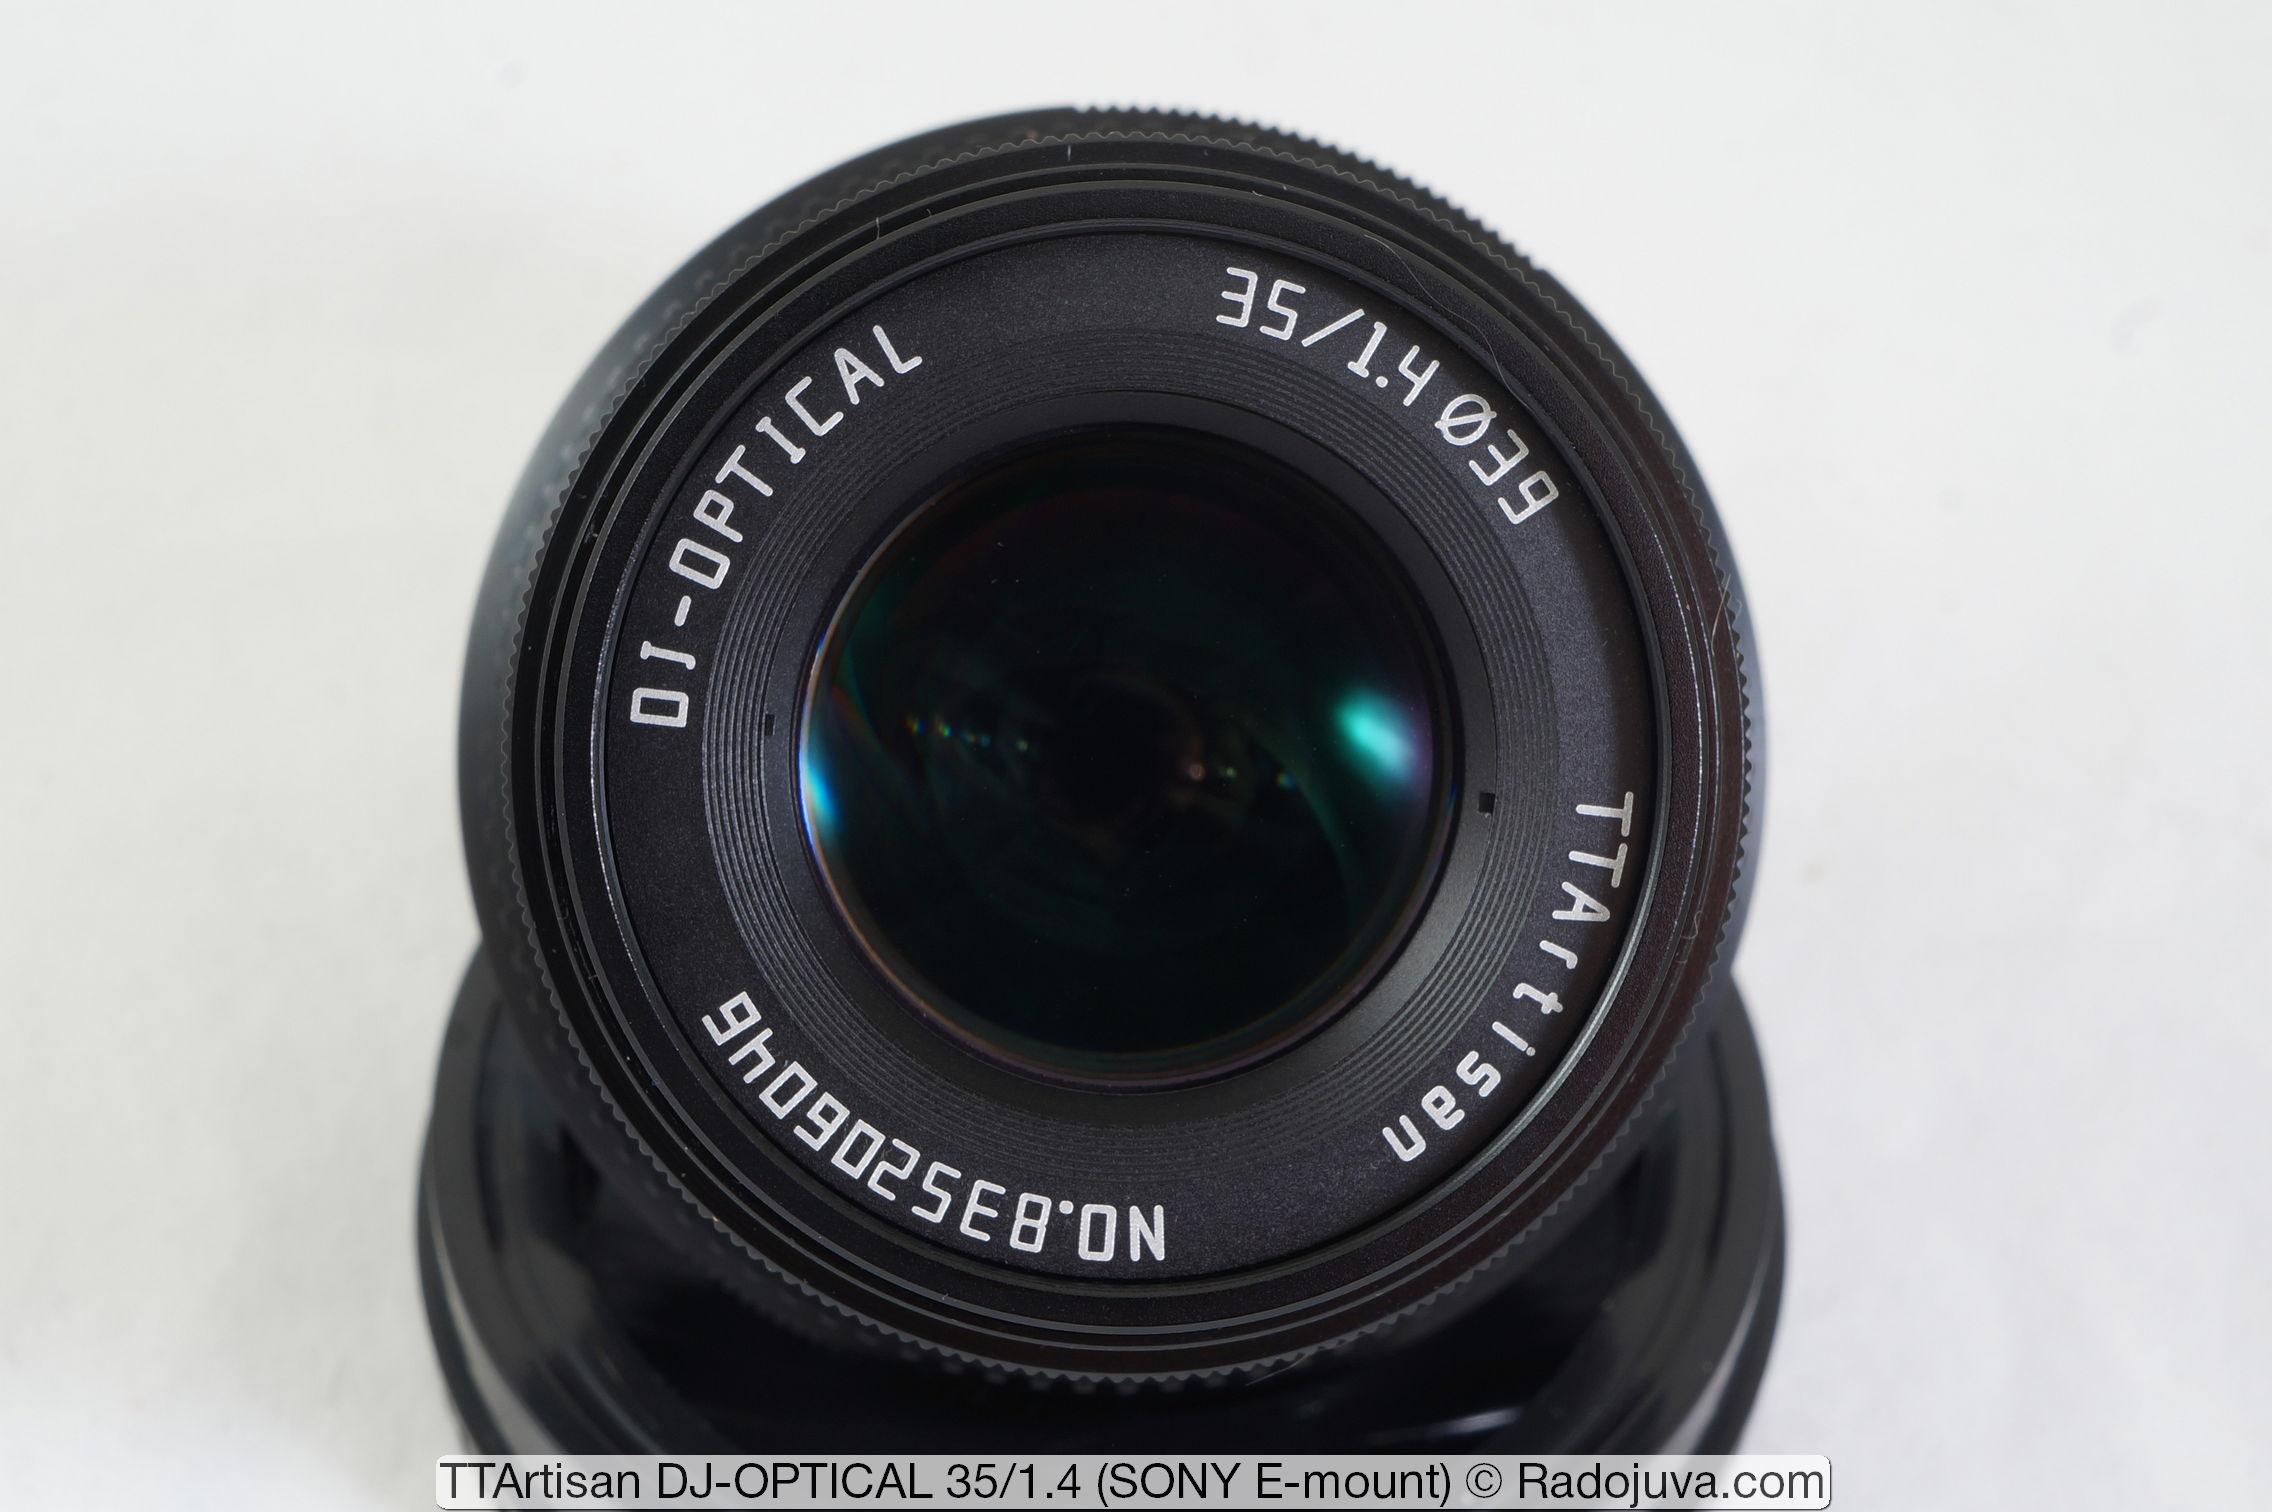 TTArtisan DJ-OPTICAL 35 / 1.4